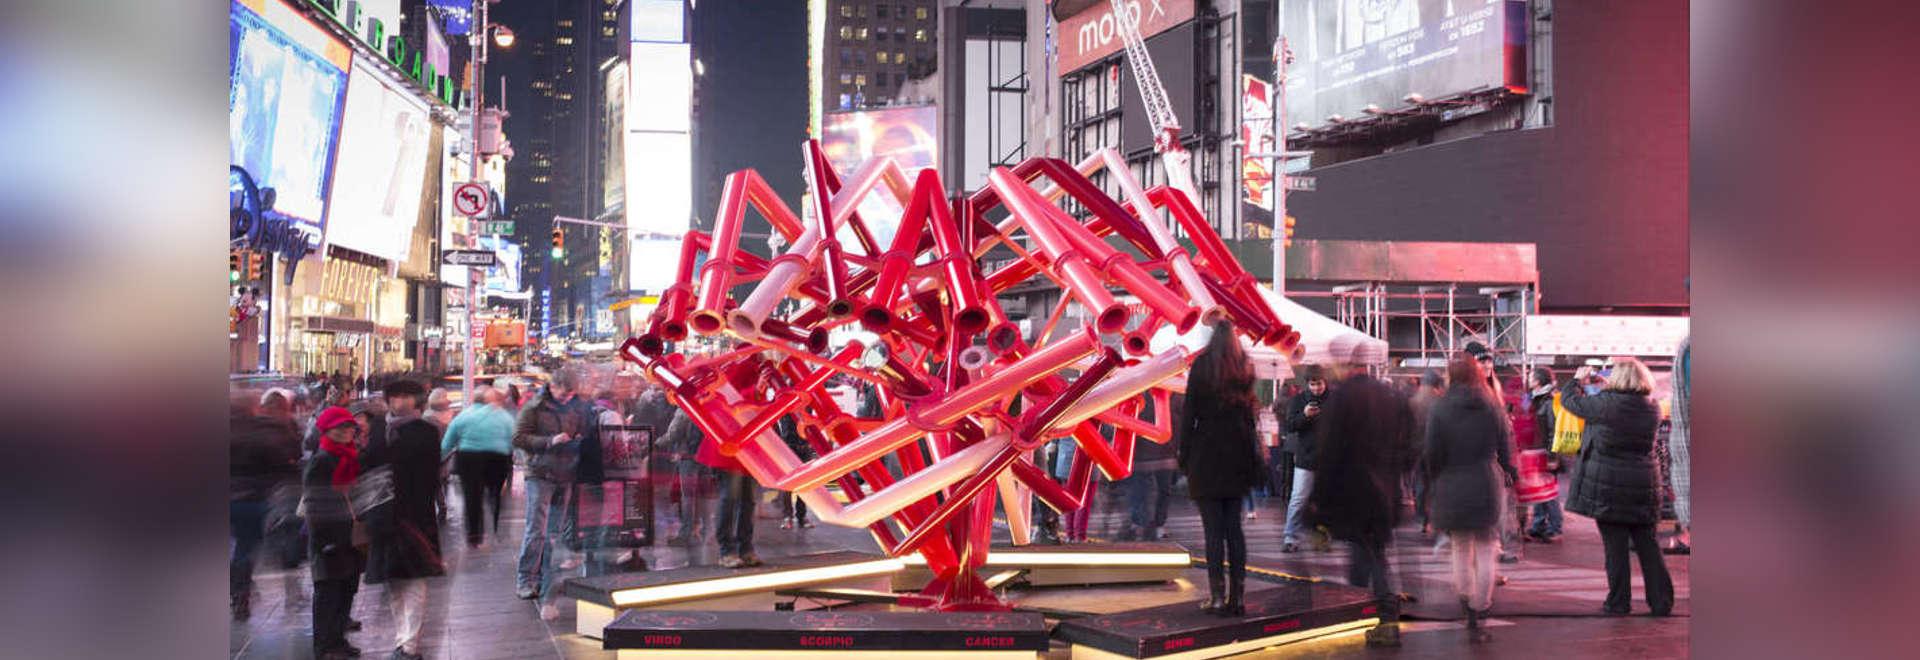 Times Square-Valentinsgruß-Herz durch junge Projekte, New York, Vereinigte Staaten